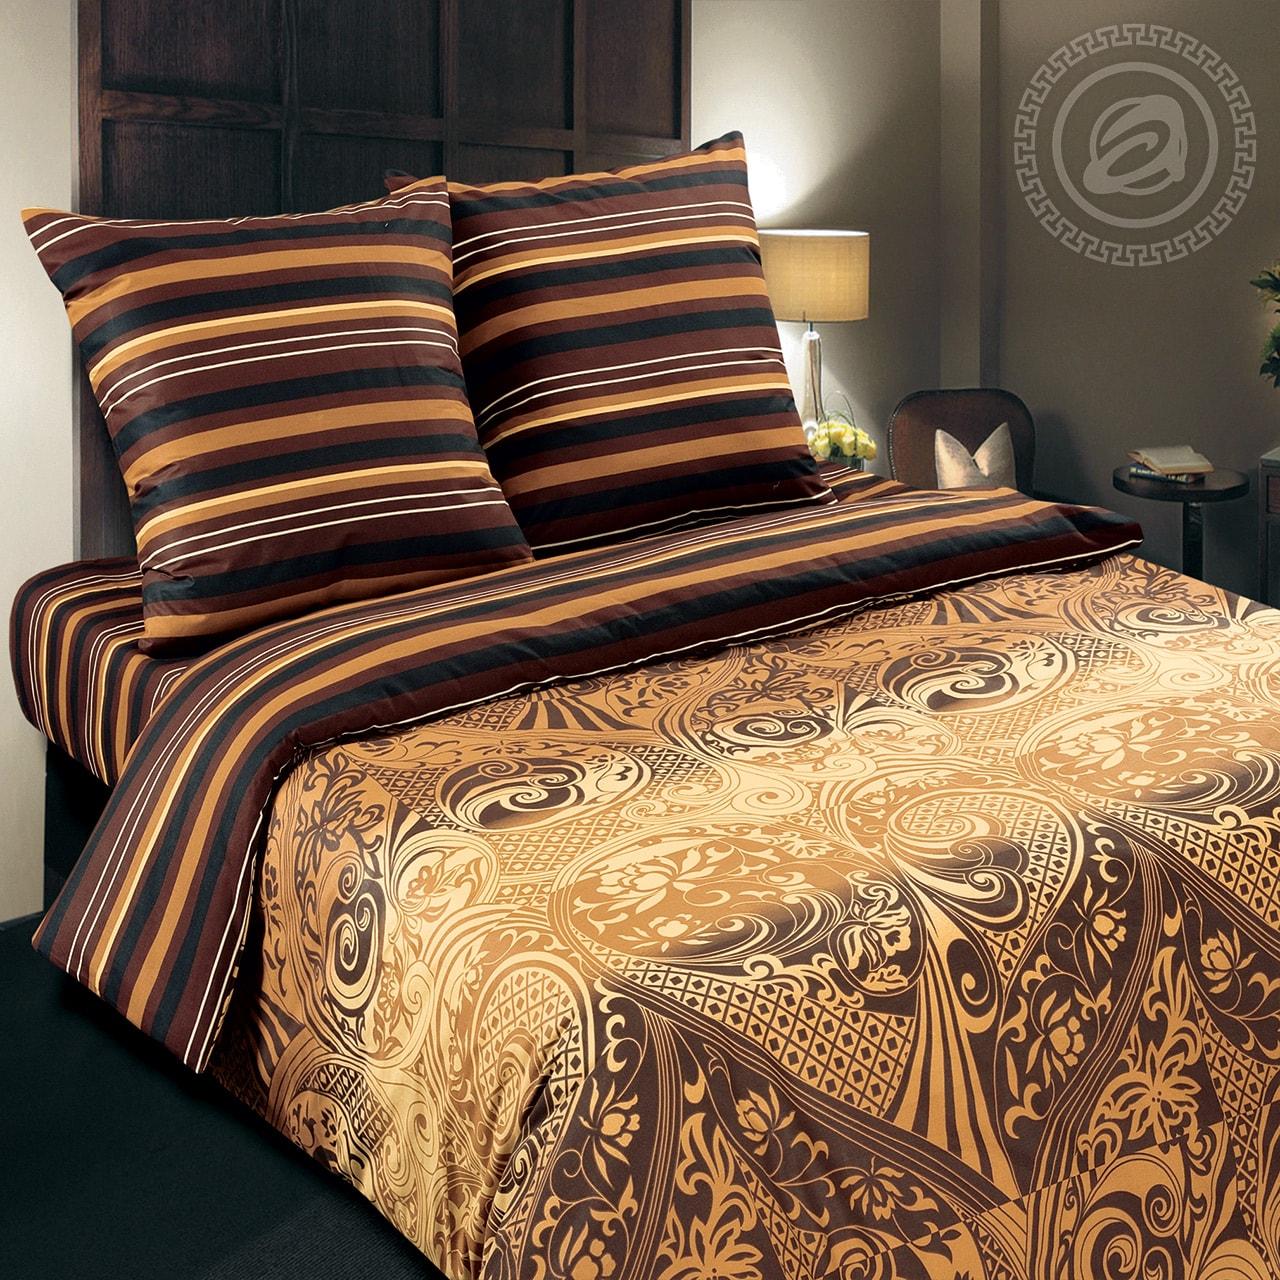 01e7ddecdf1c Купить комплект постельного белья с простыней на резинке в интернет ...